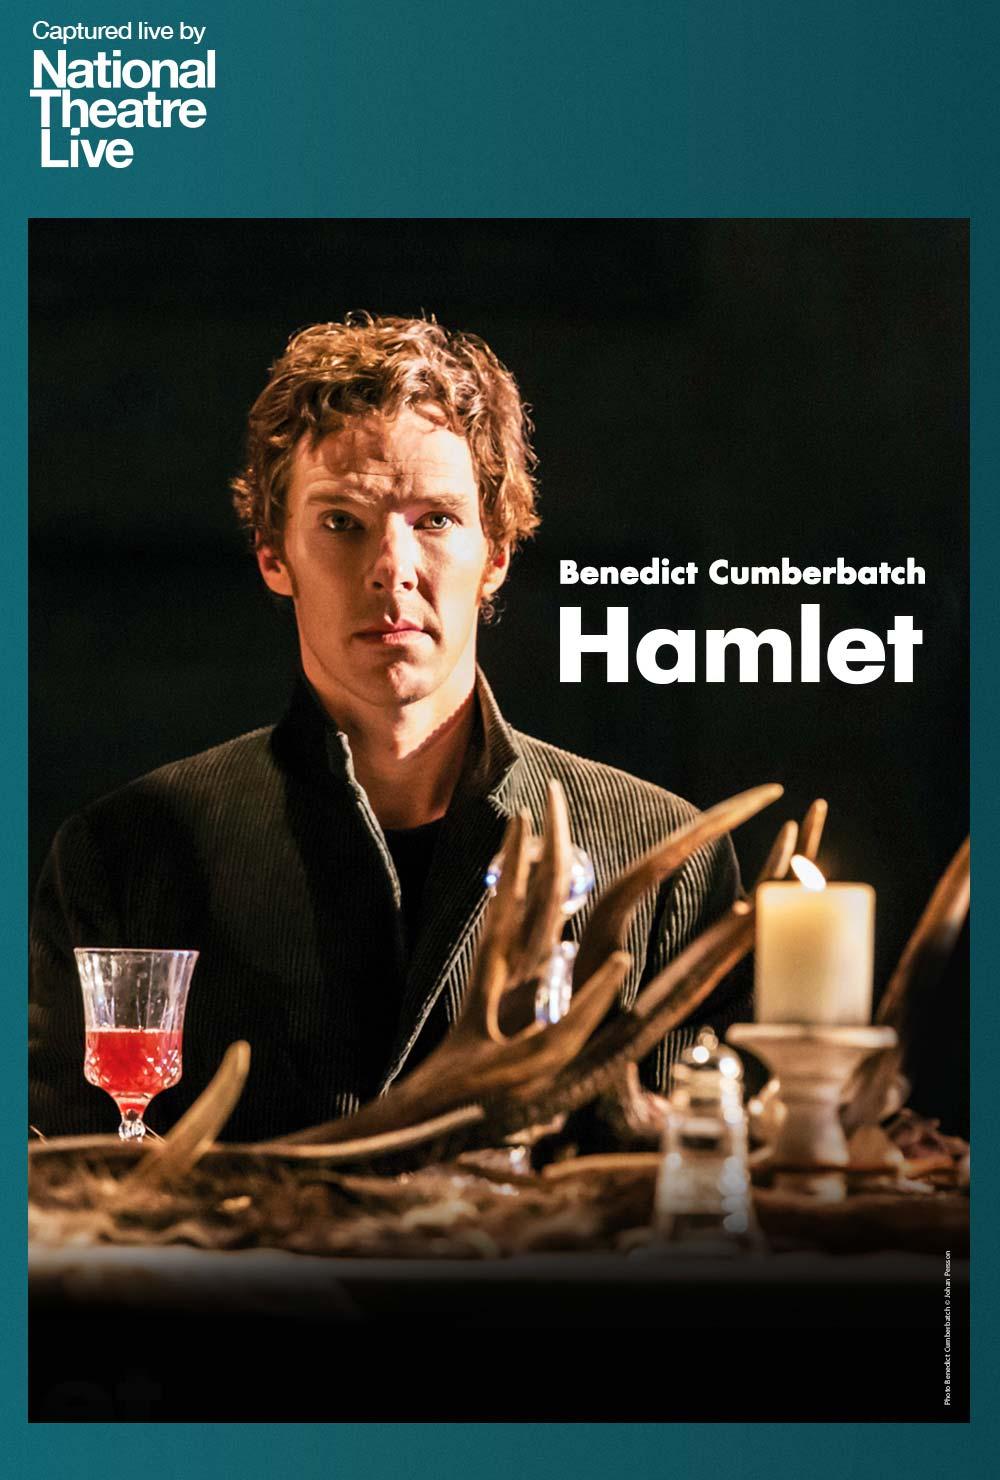 Hamlet 2018 Encore